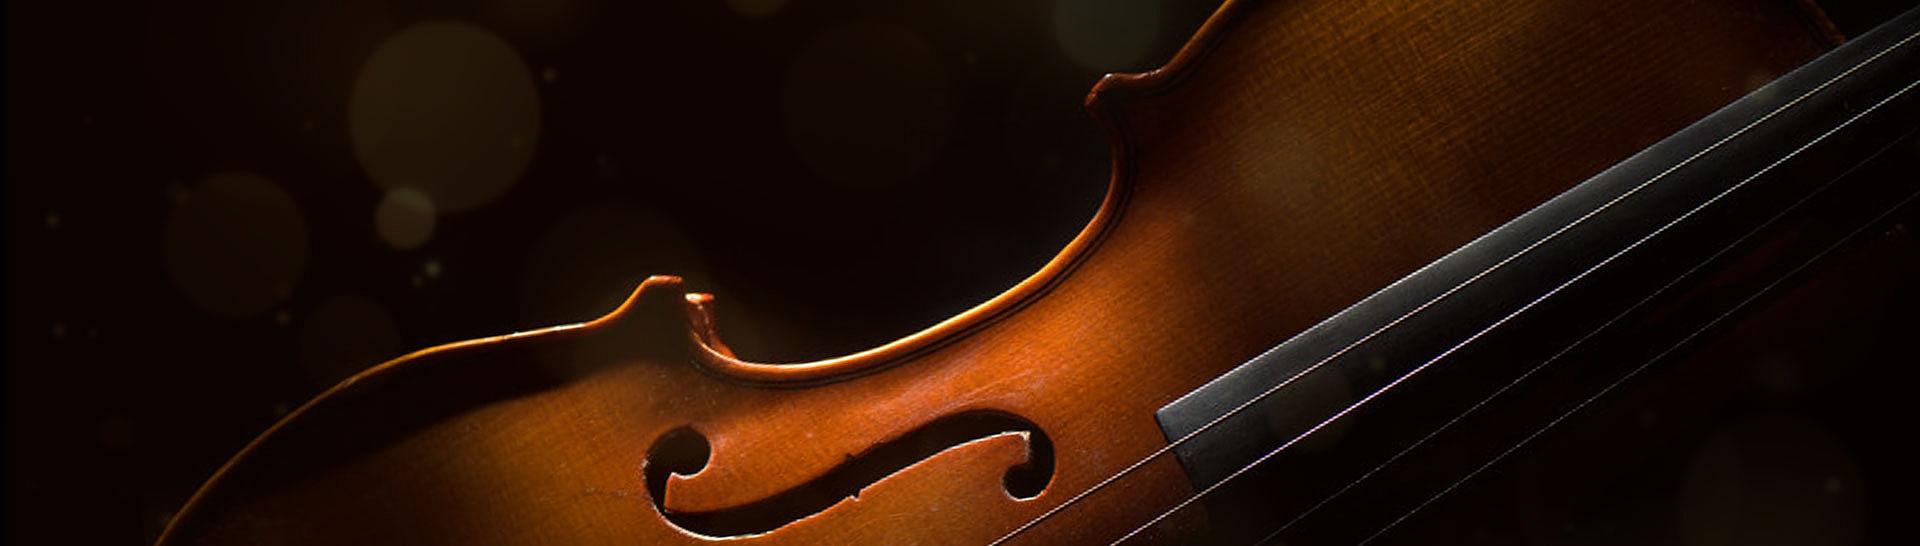 תזמורת הגליל הקאמרית